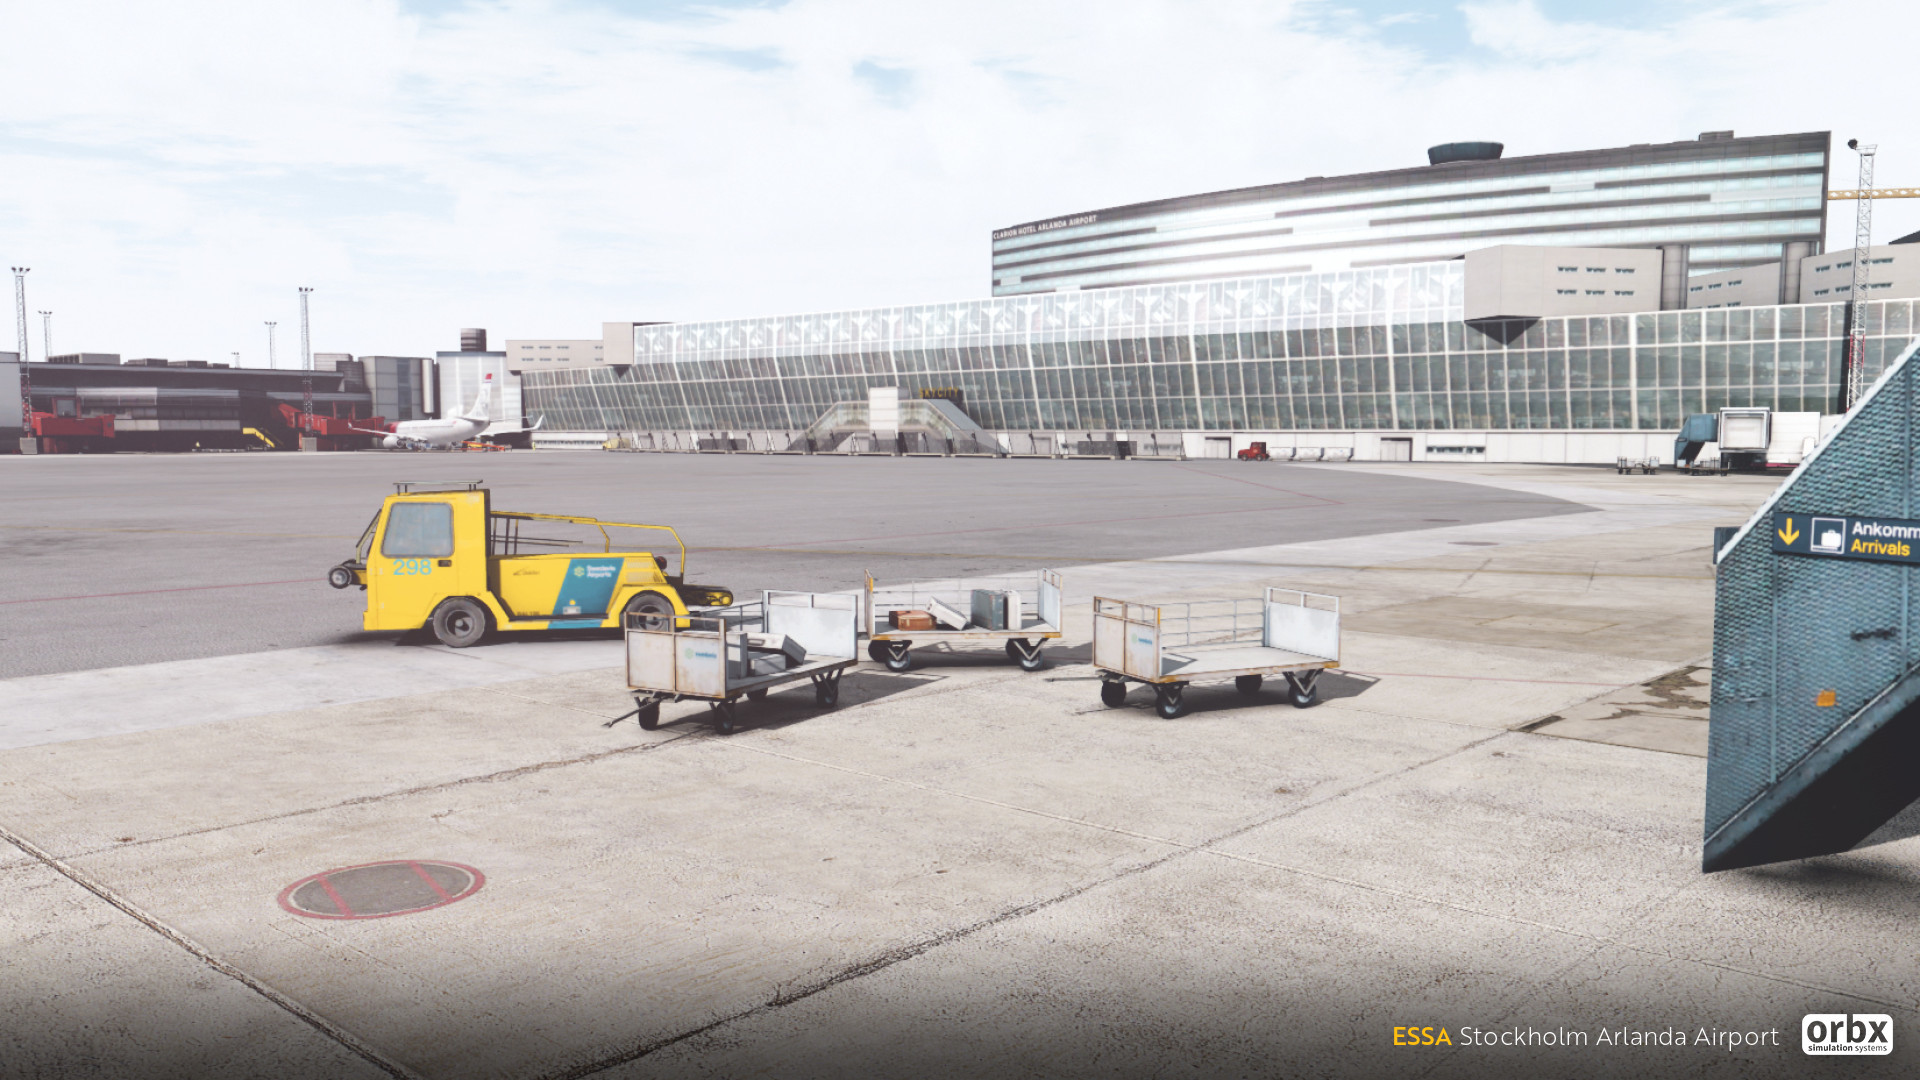 ESSA Stockholm Arlanda Airport